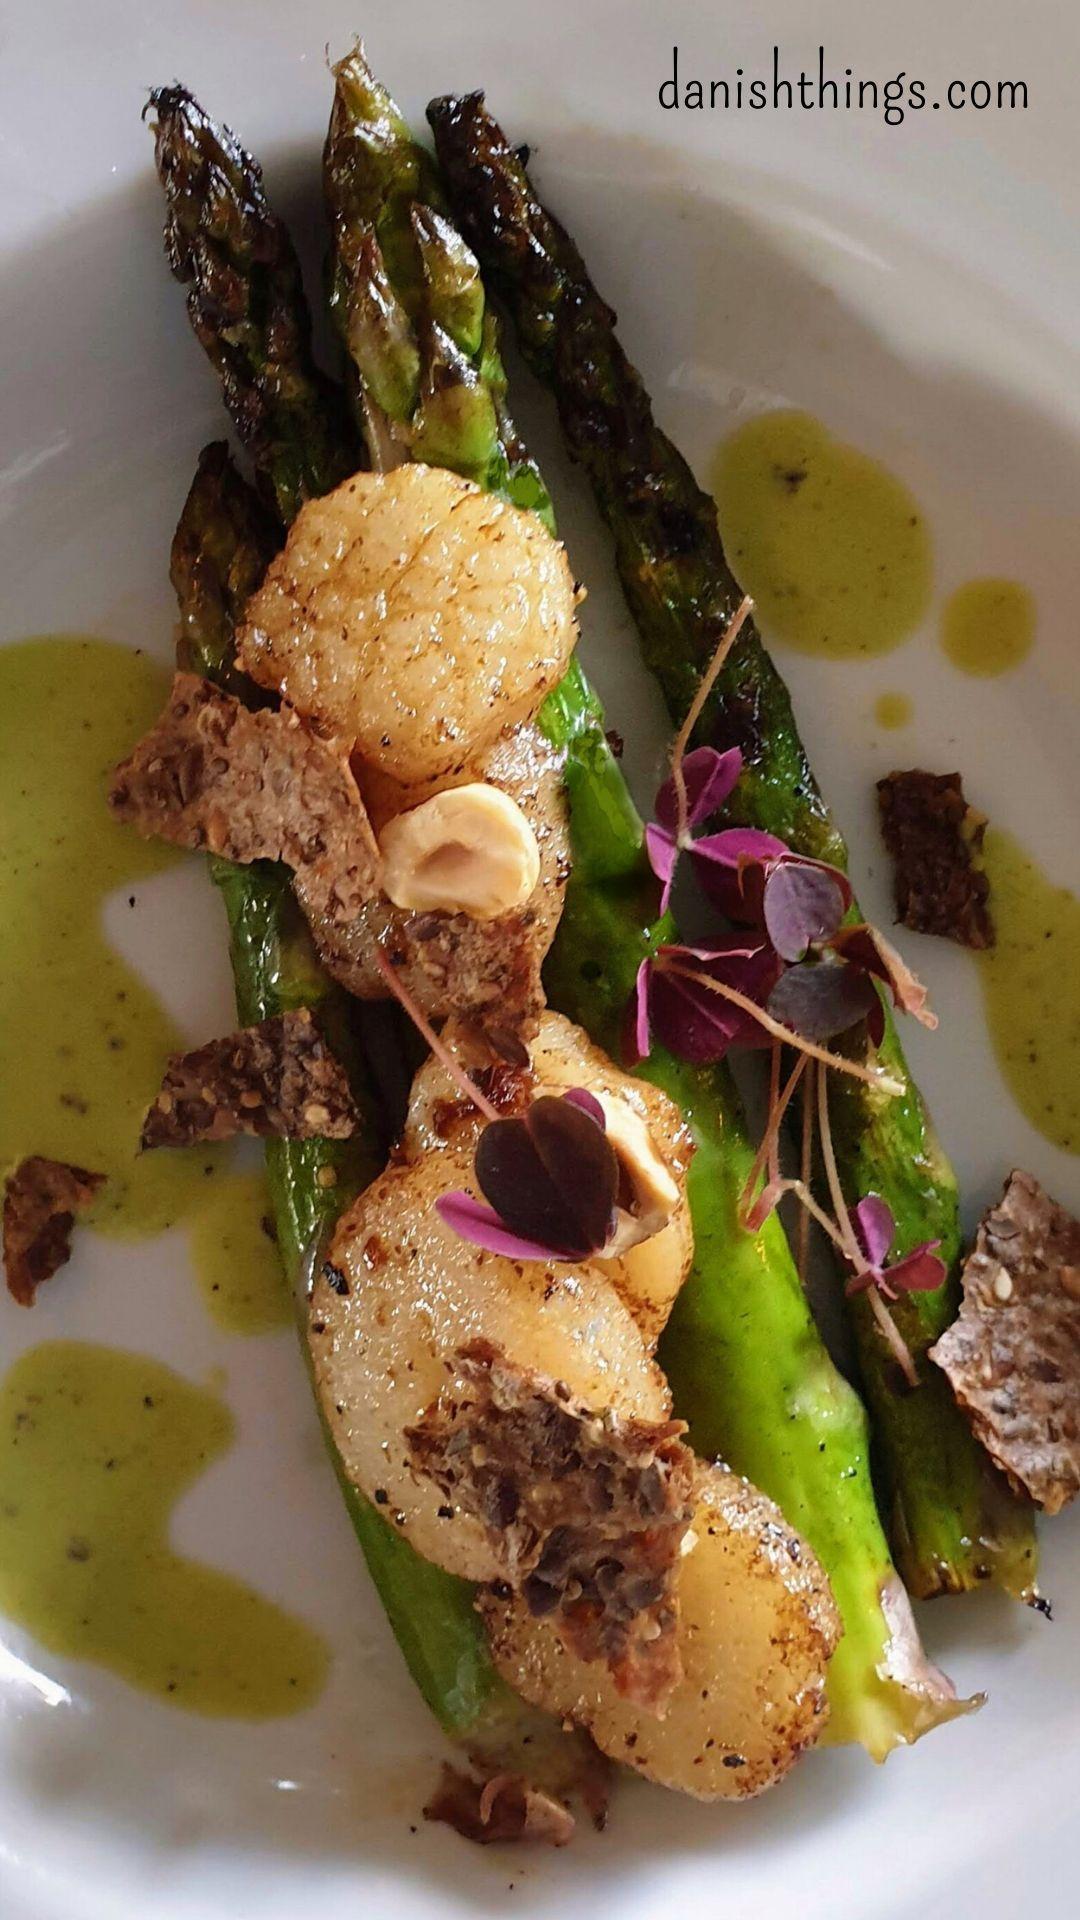 Grillede asparges med kammuslinger, ærtesauce, hasselnødder og rugbrødschips - Danish Things